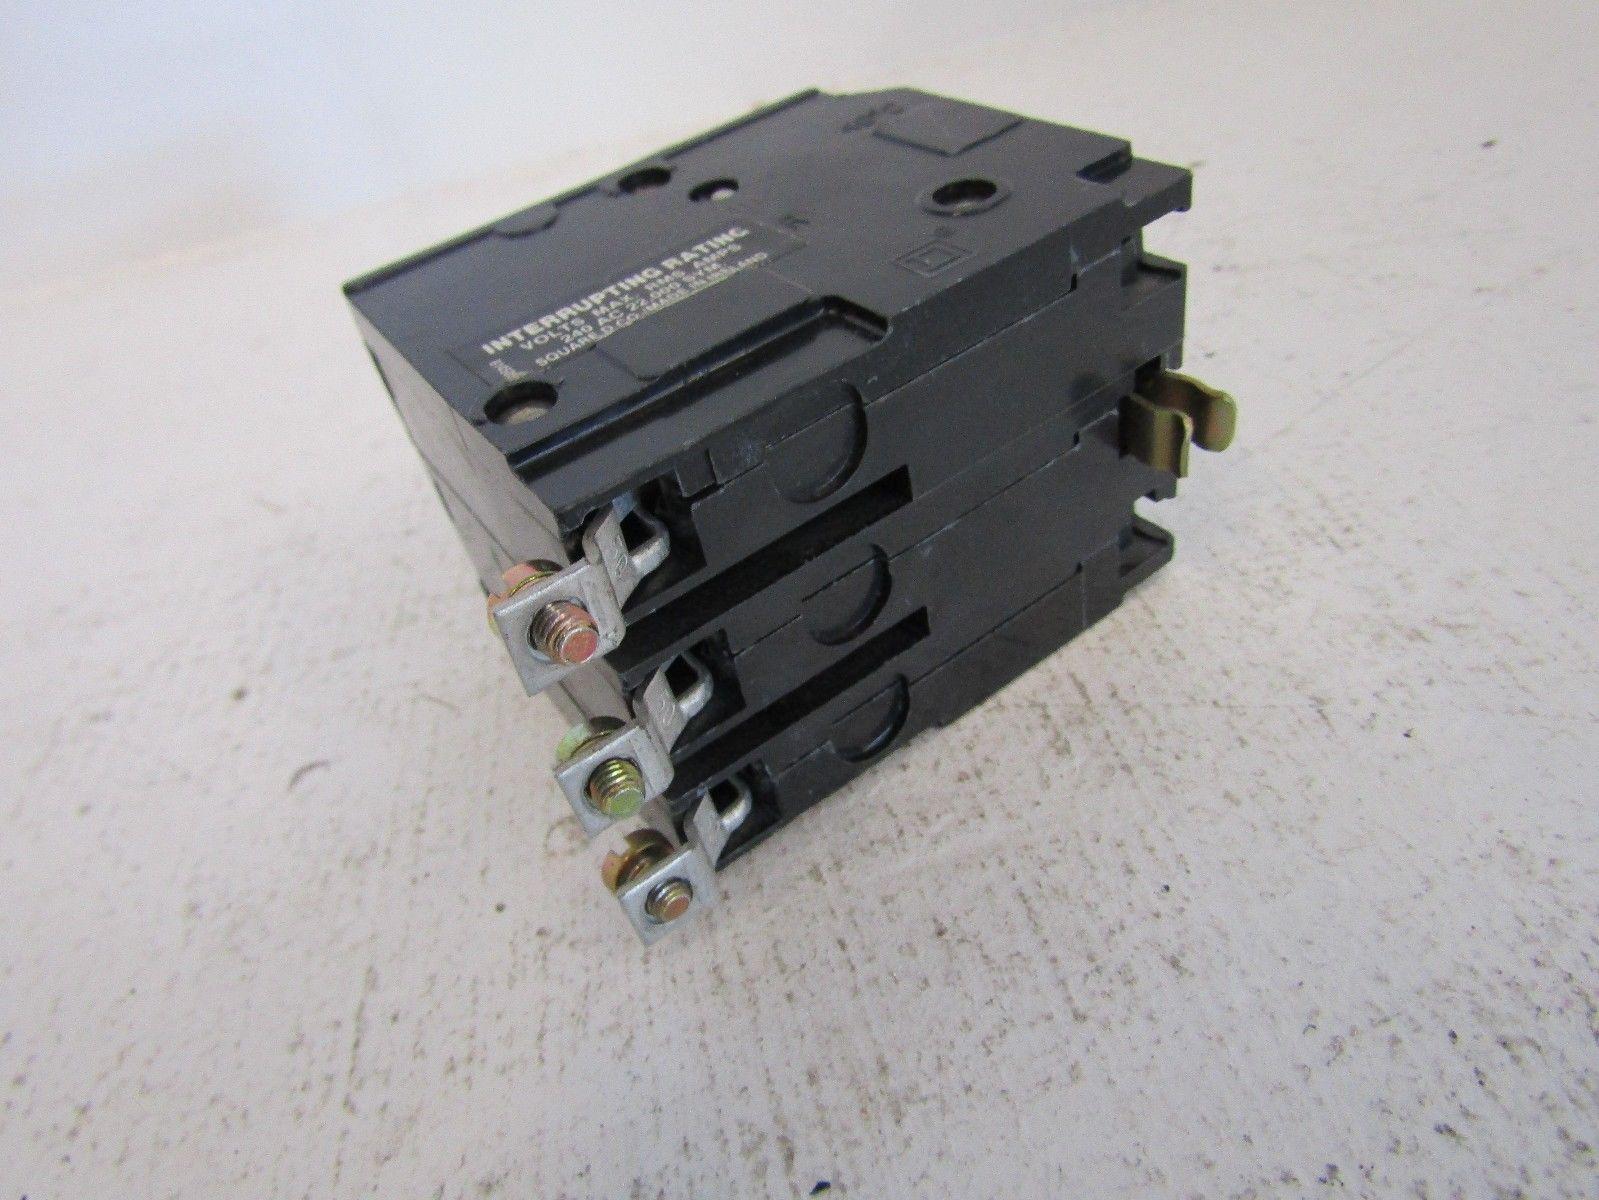 New Square D Qob315vh 3 Pole 15 Amp 240 Volt Circuit Breaker Qo Fits Home Wiring